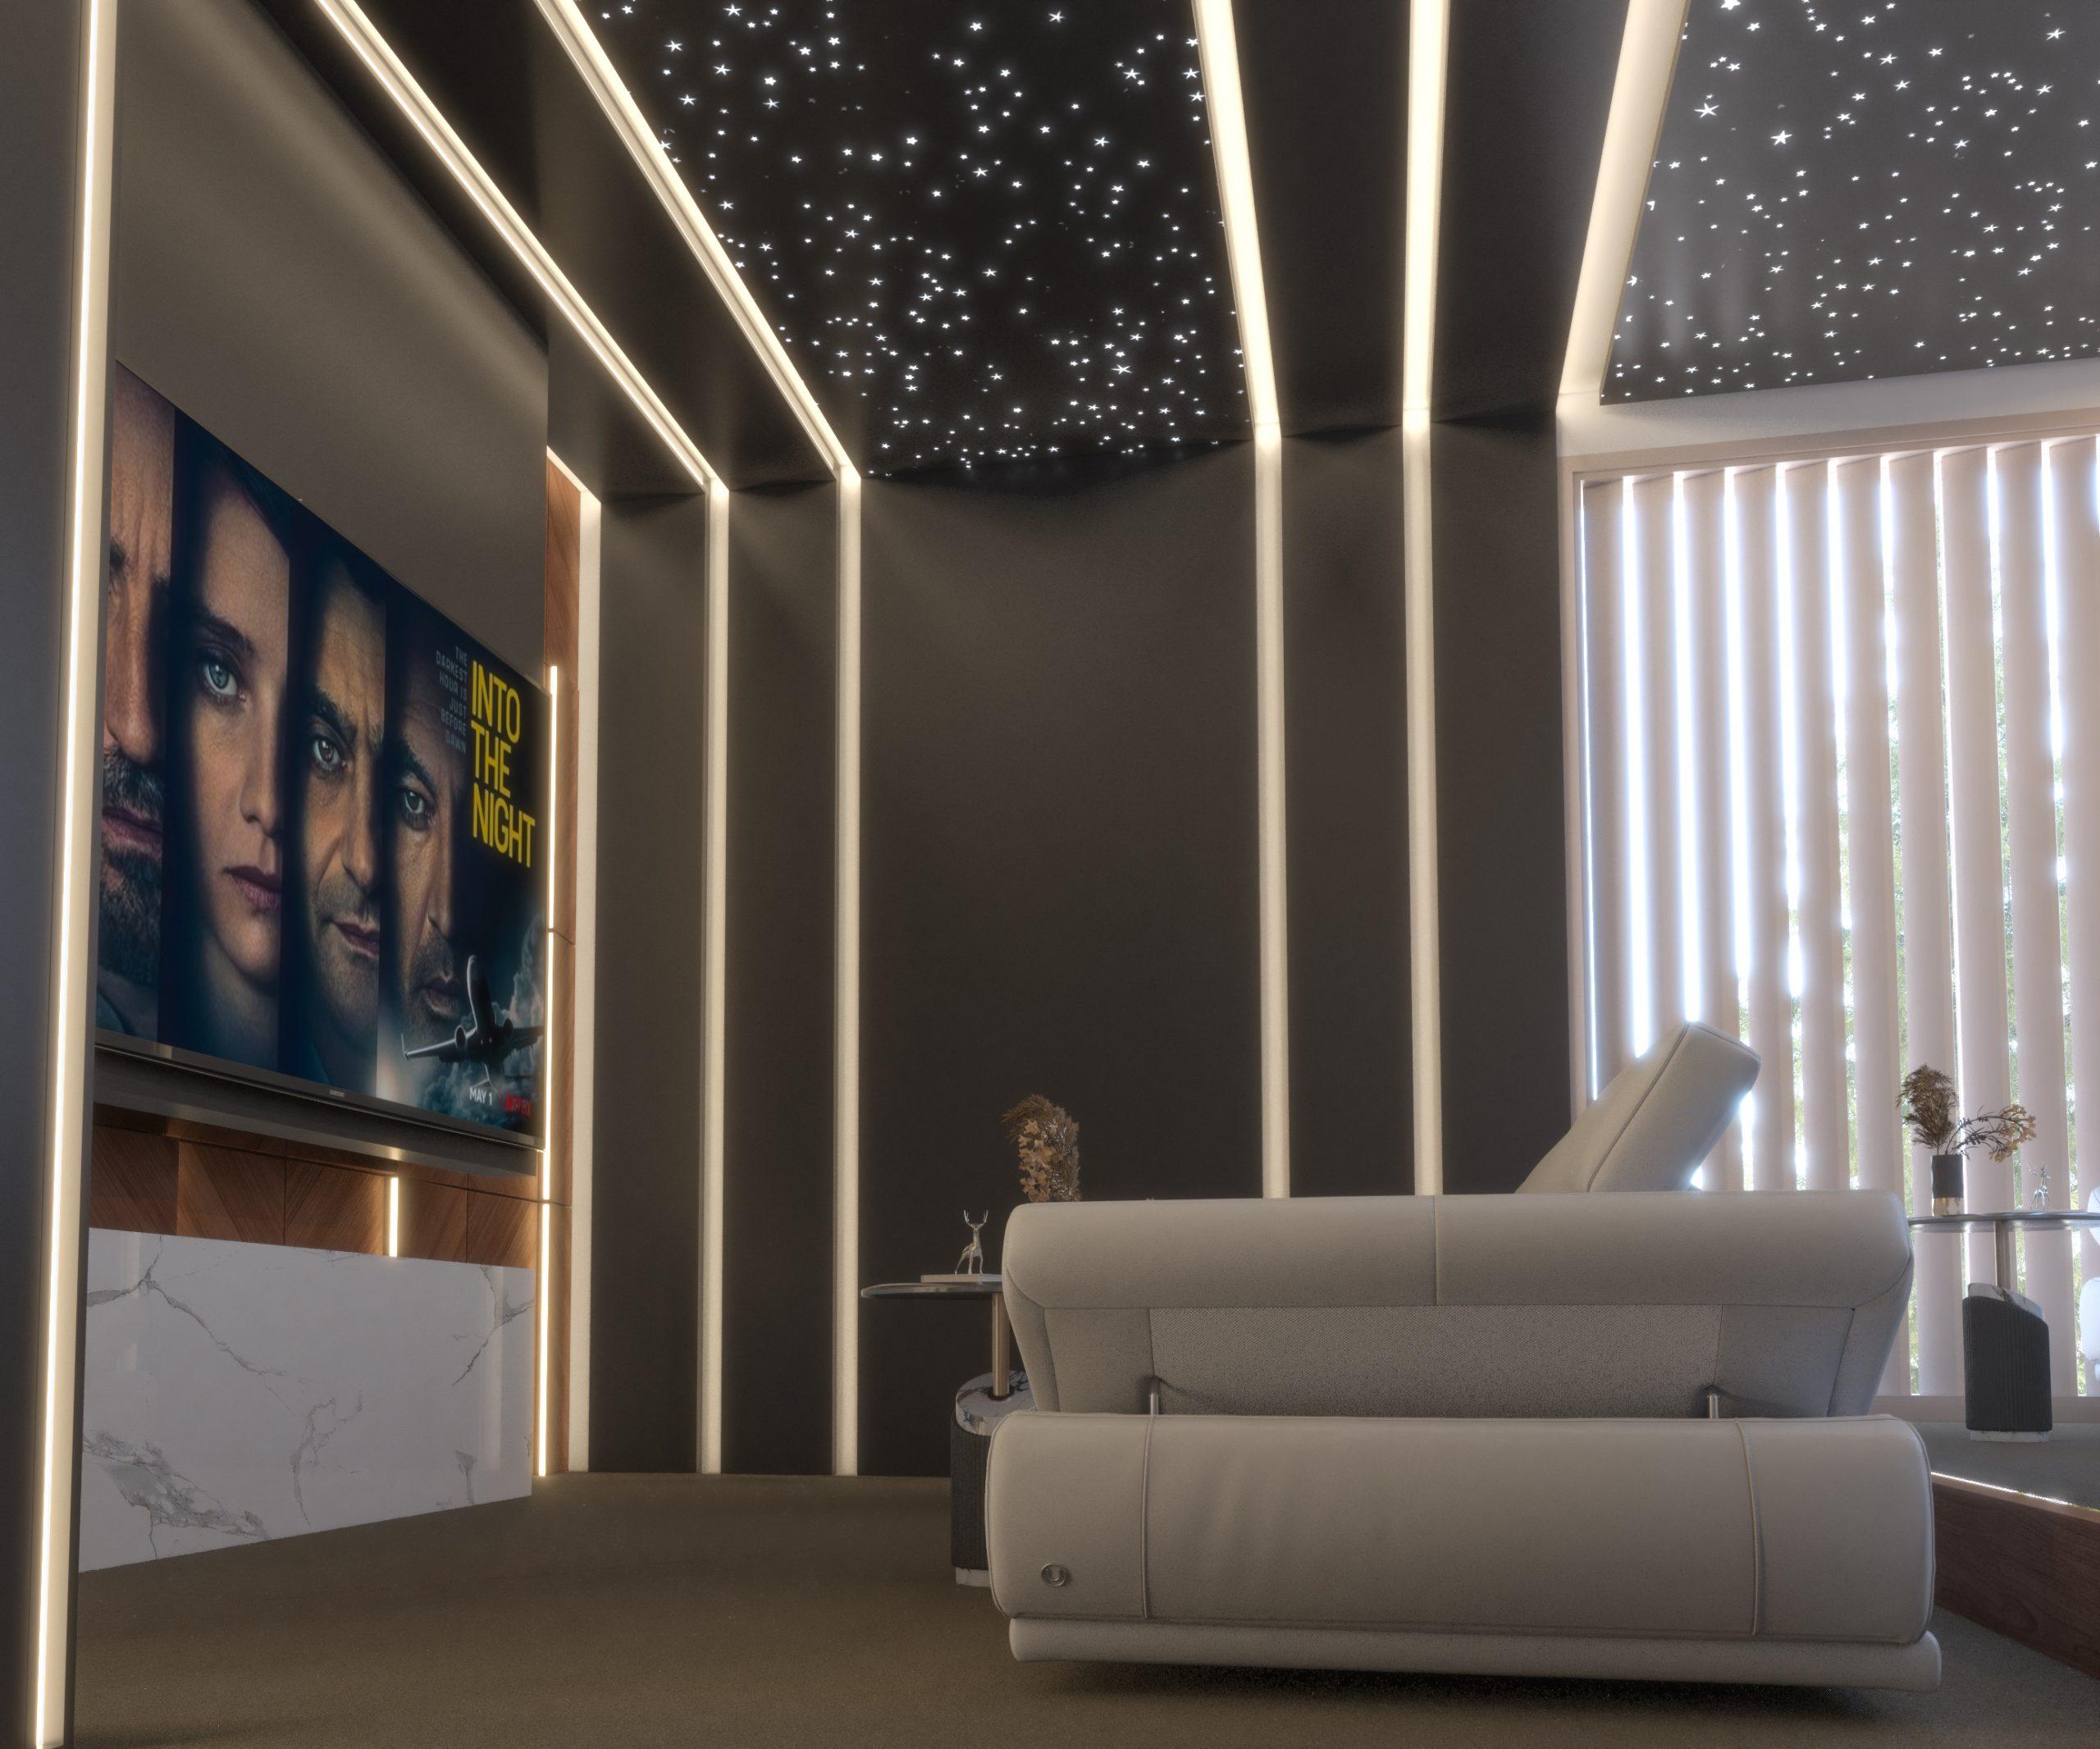 cinema design - elegant colors- lights